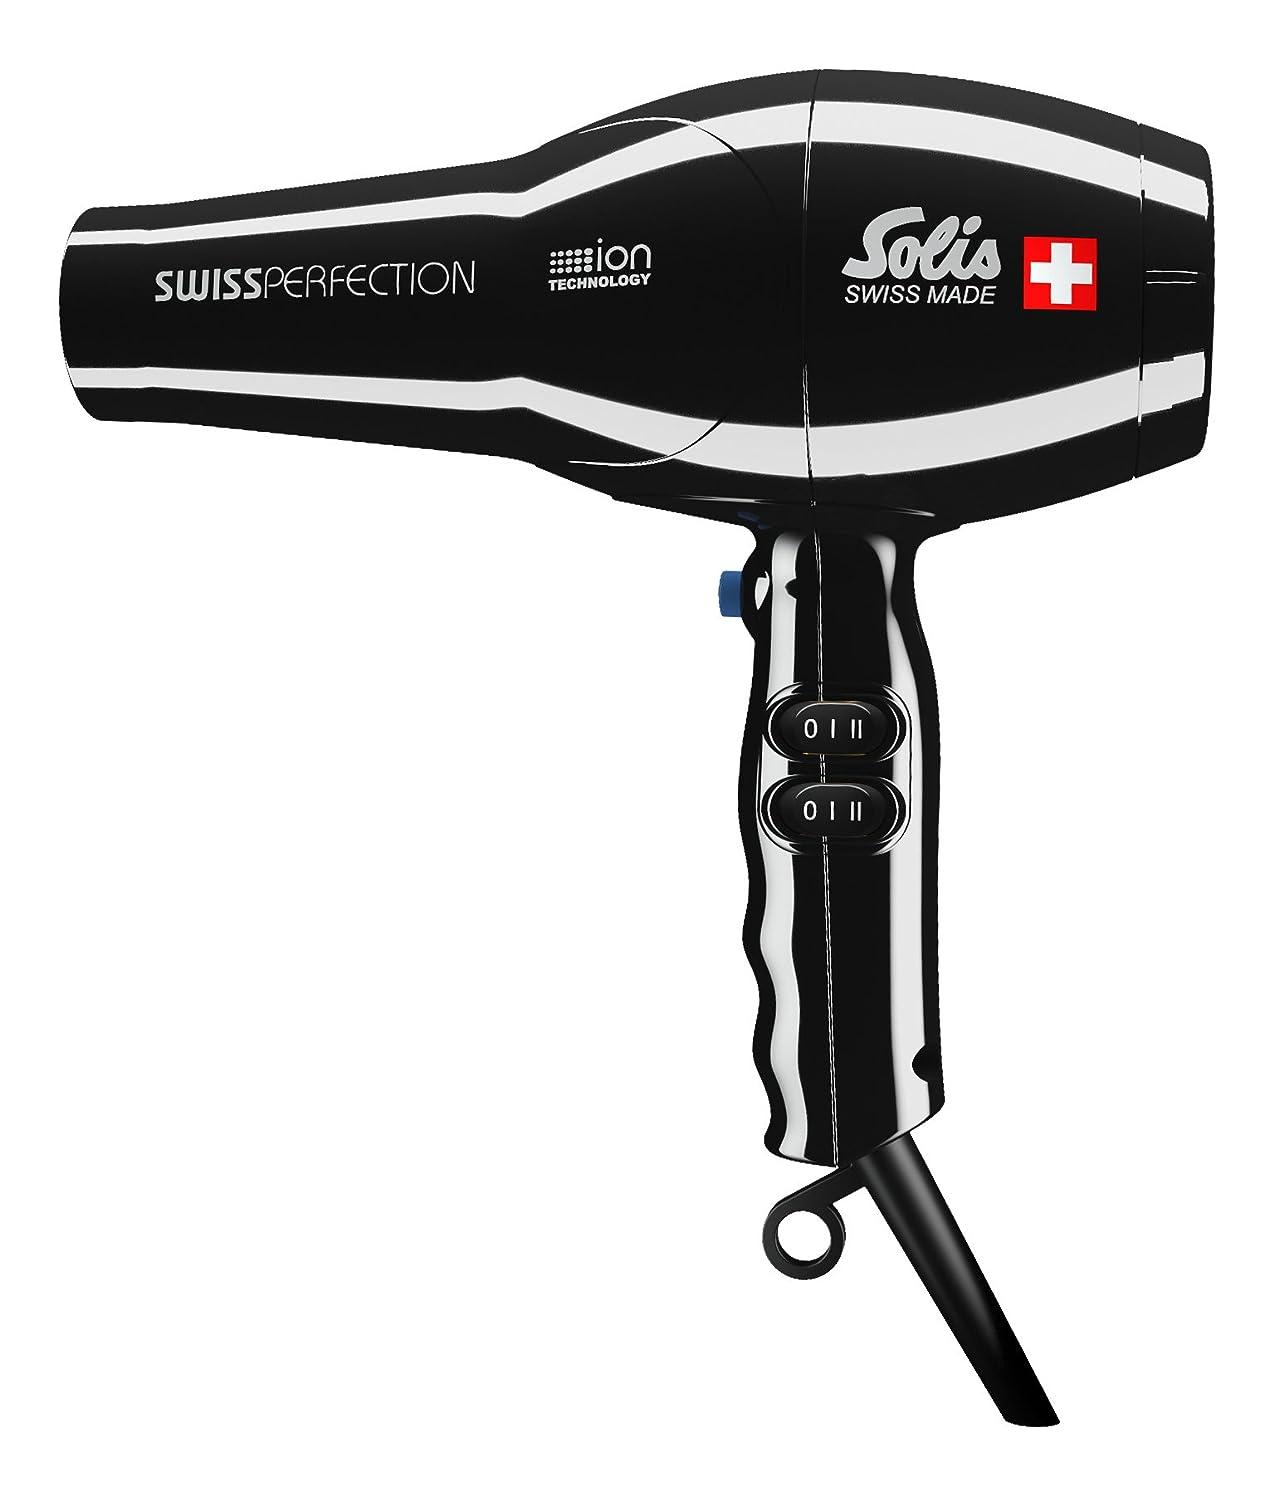 眼エンジニアさようならソリスプロフェッショナル仕様ドライヤー、温風温度77℃で髪にやさしい、イオンテクノロジー、スイスパーフェクション (SD440B)、黒